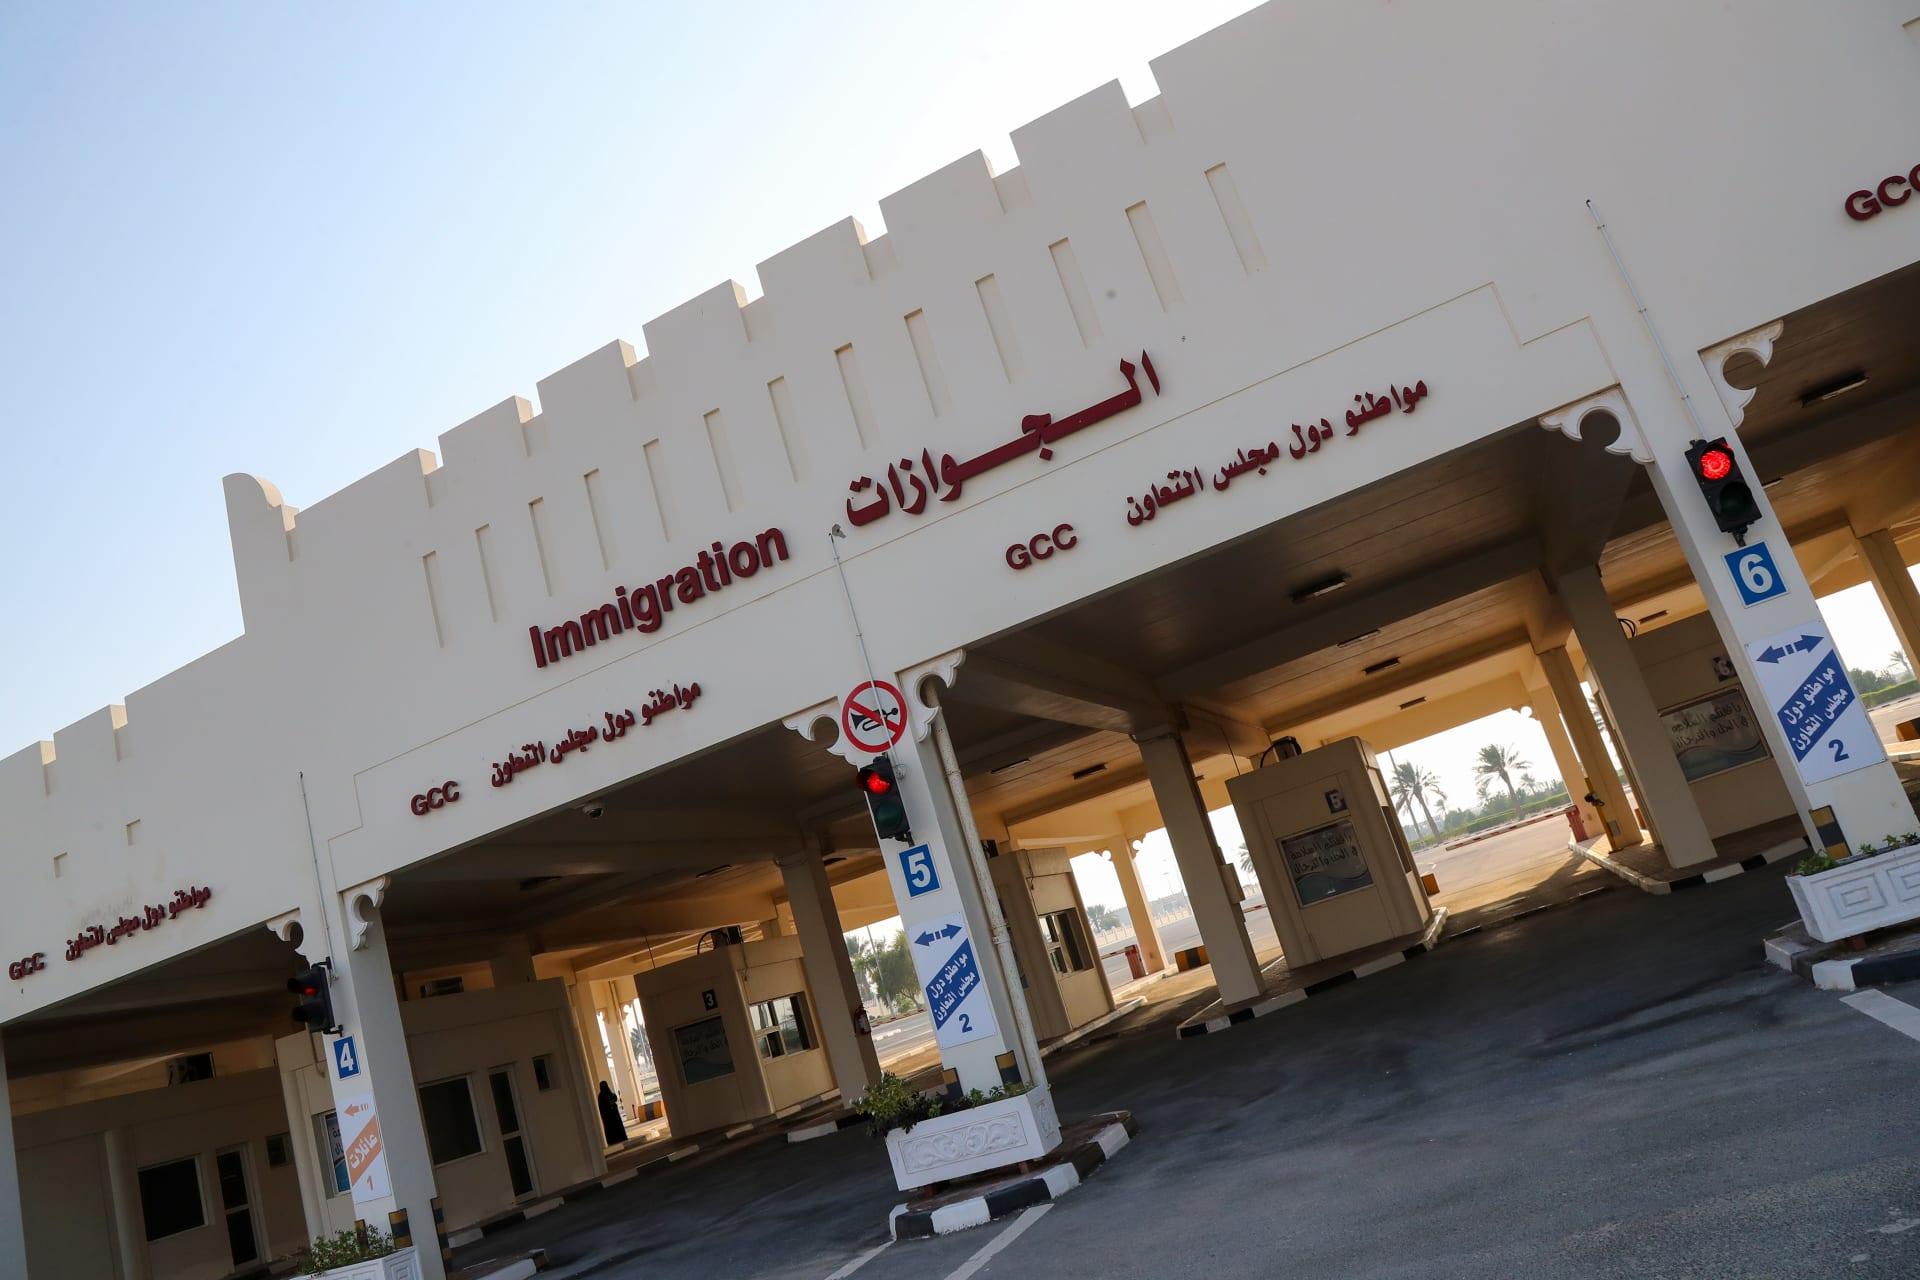 صورة تُظهر الجانب القطري من معبر أبو سمرة الحدودي مع السعودية، حيث ستعيد المملكة فتح حدودها ومجالها الجوي أمام قطر